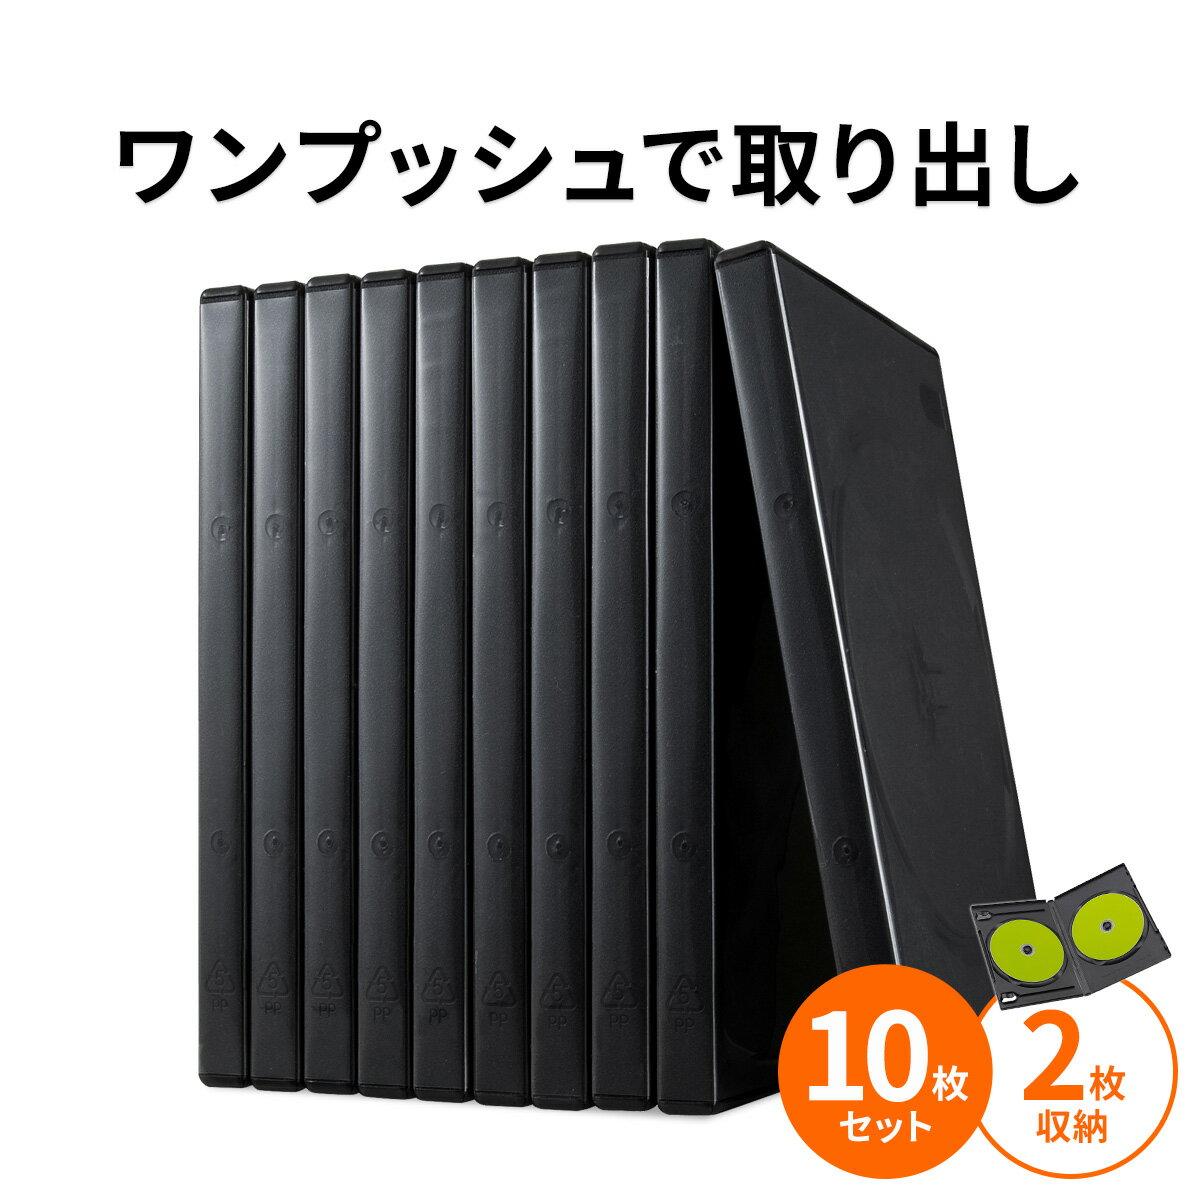 DVDケース トールケース 2枚収納×10枚セット 収納ケース メディアケース [200-FCD033]【サンワダイレクト限定品】